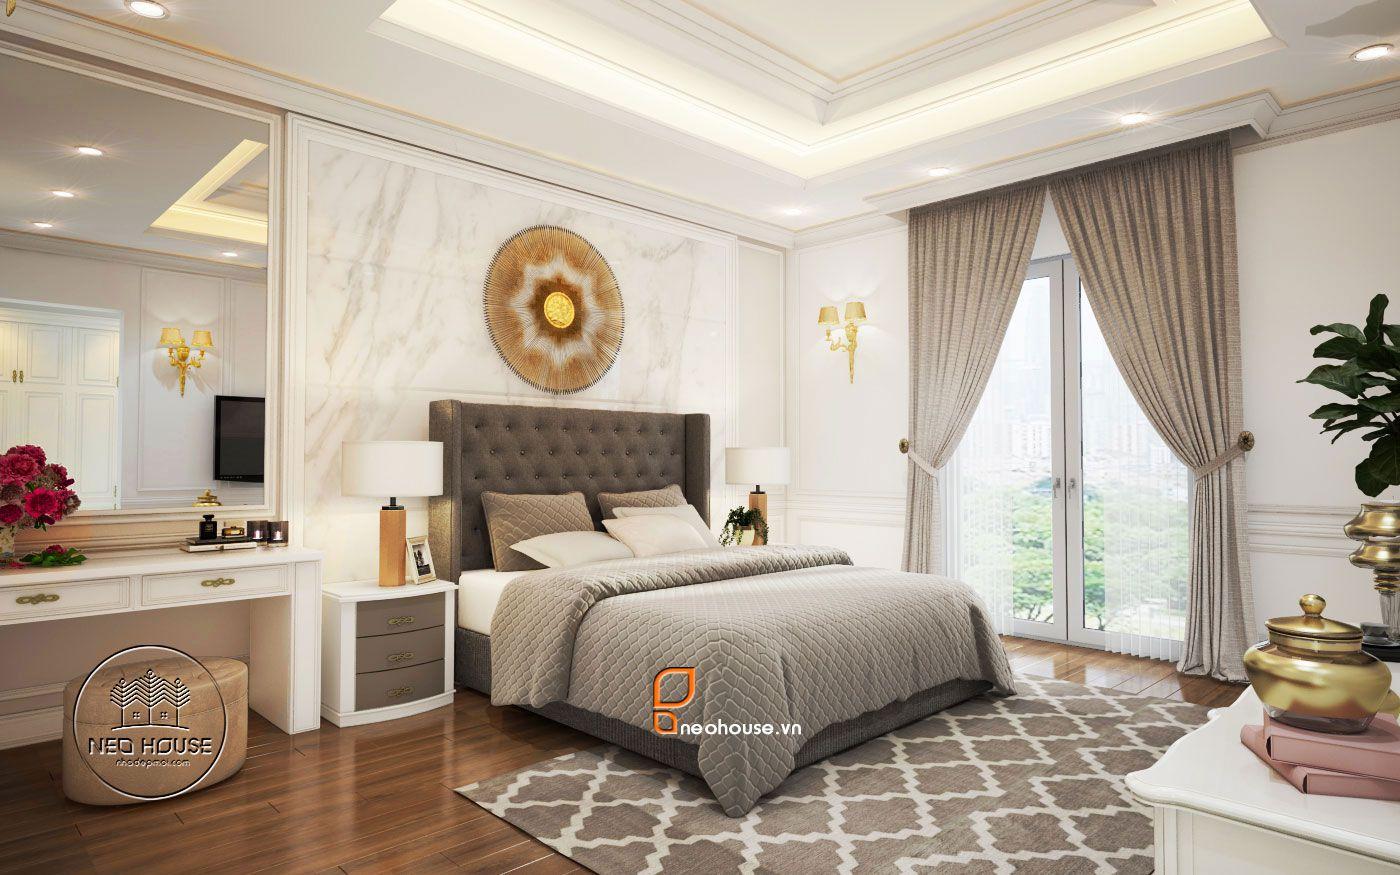 Phong cách nội thất bán cổ điển